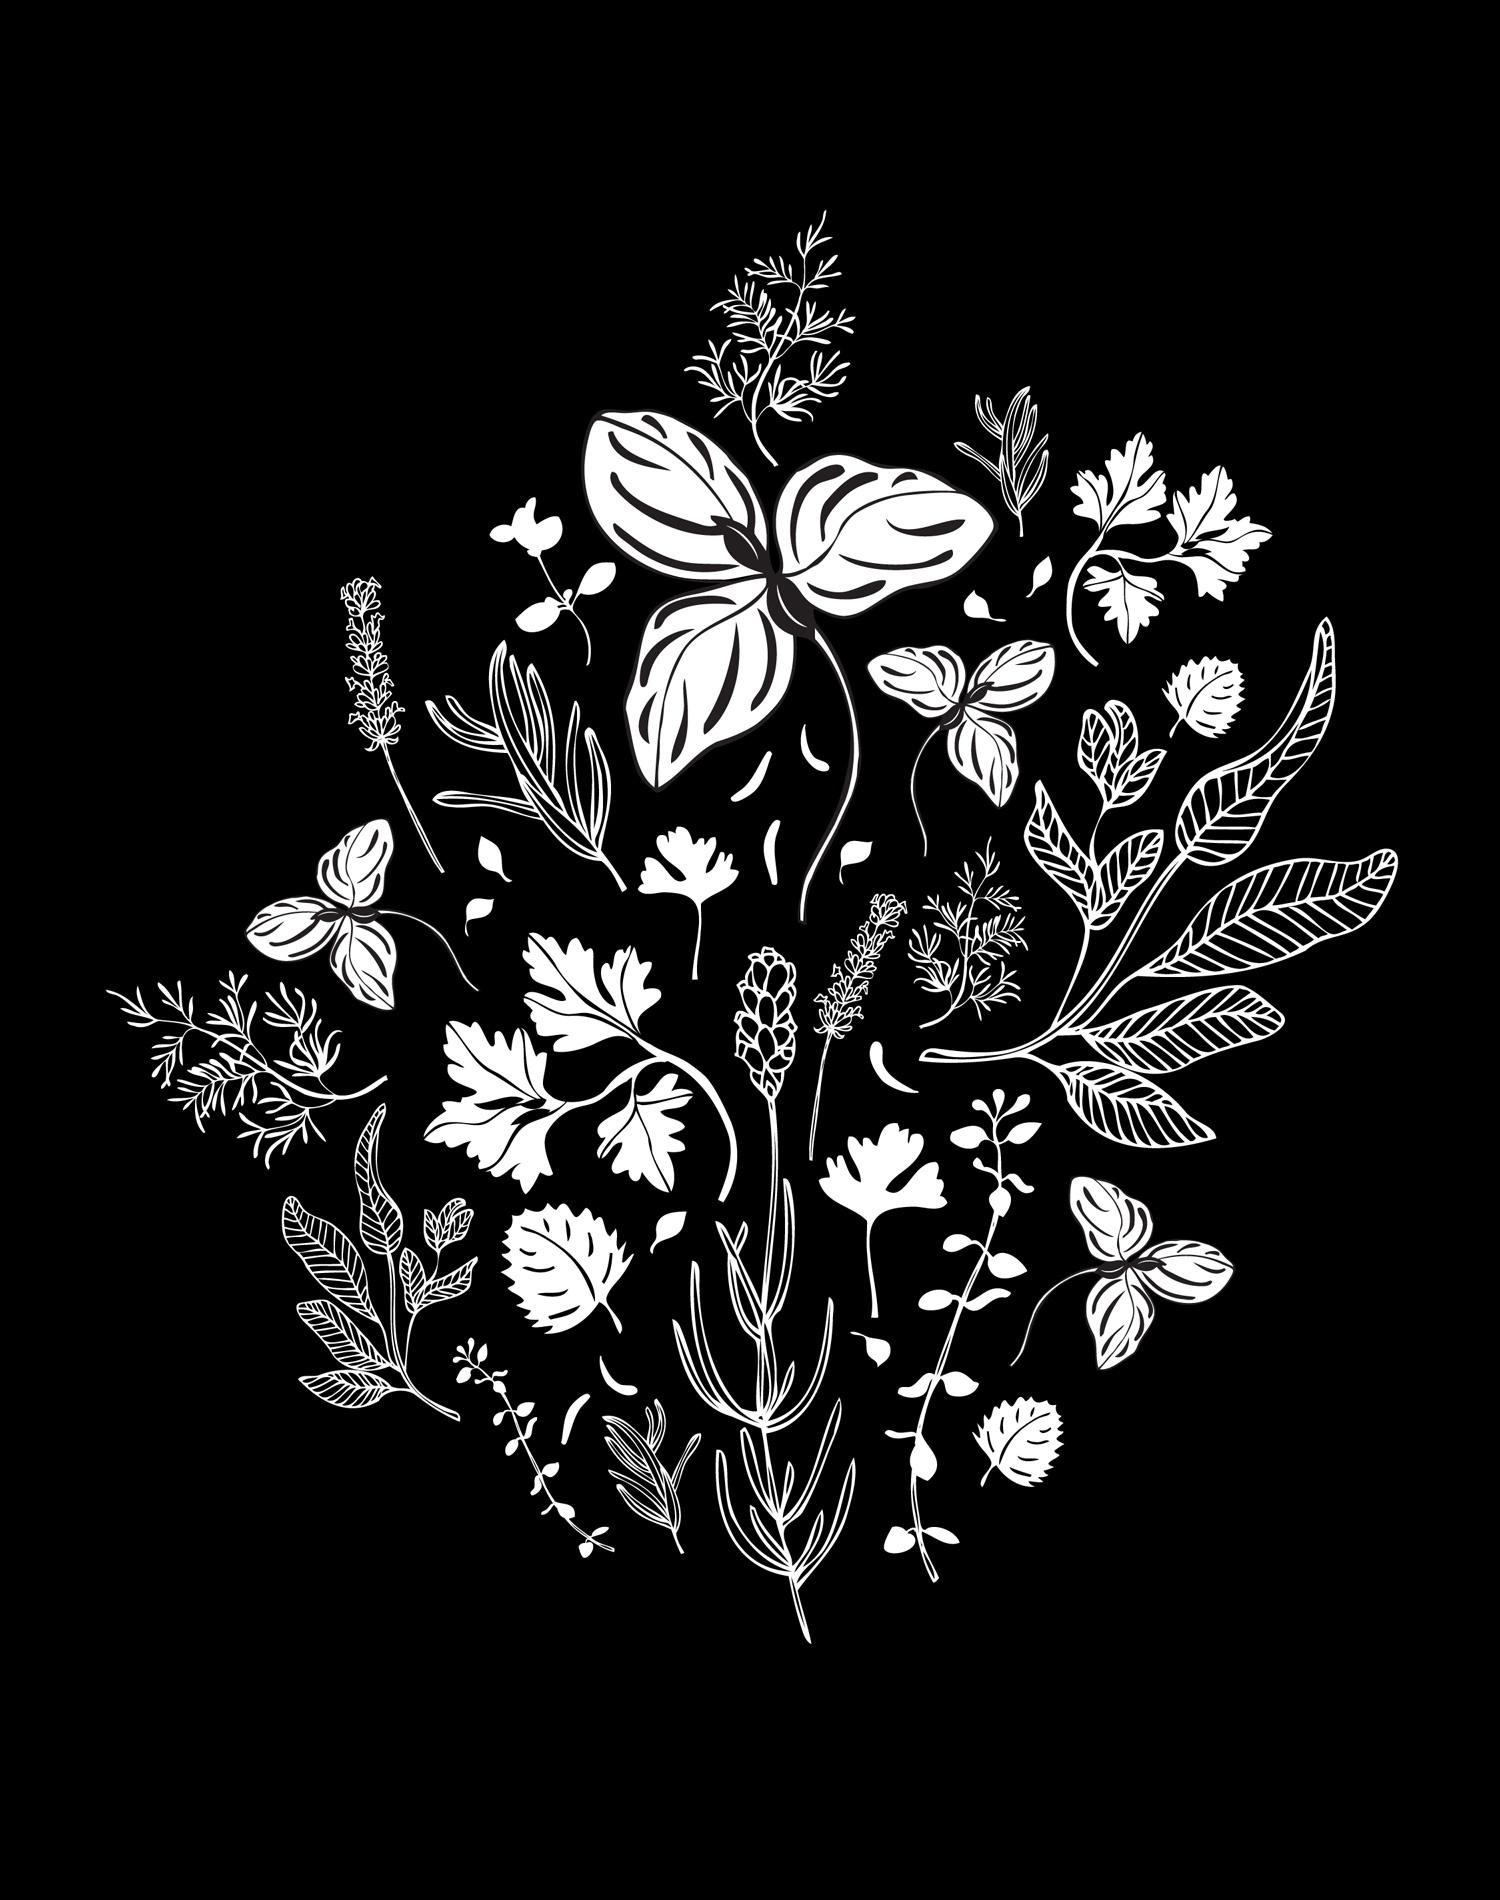 Herbs - Laurie Baars